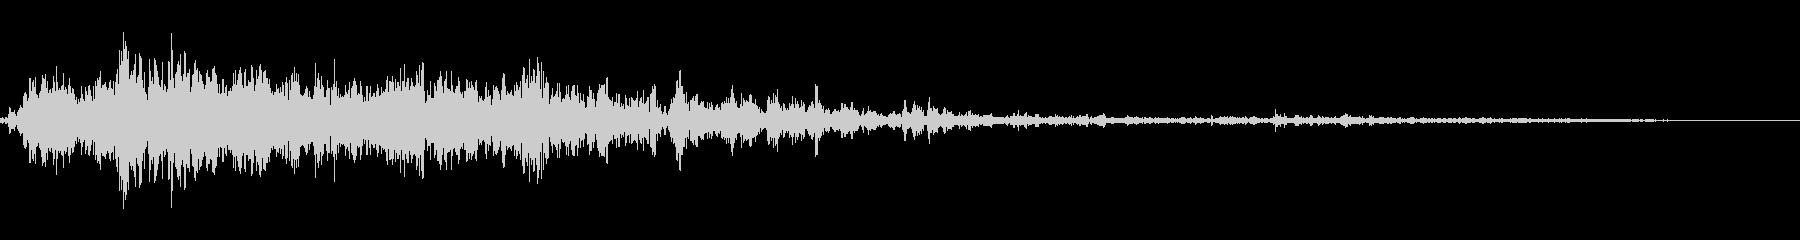 ゴロゴロゴロ(雷の音)生録音の未再生の波形